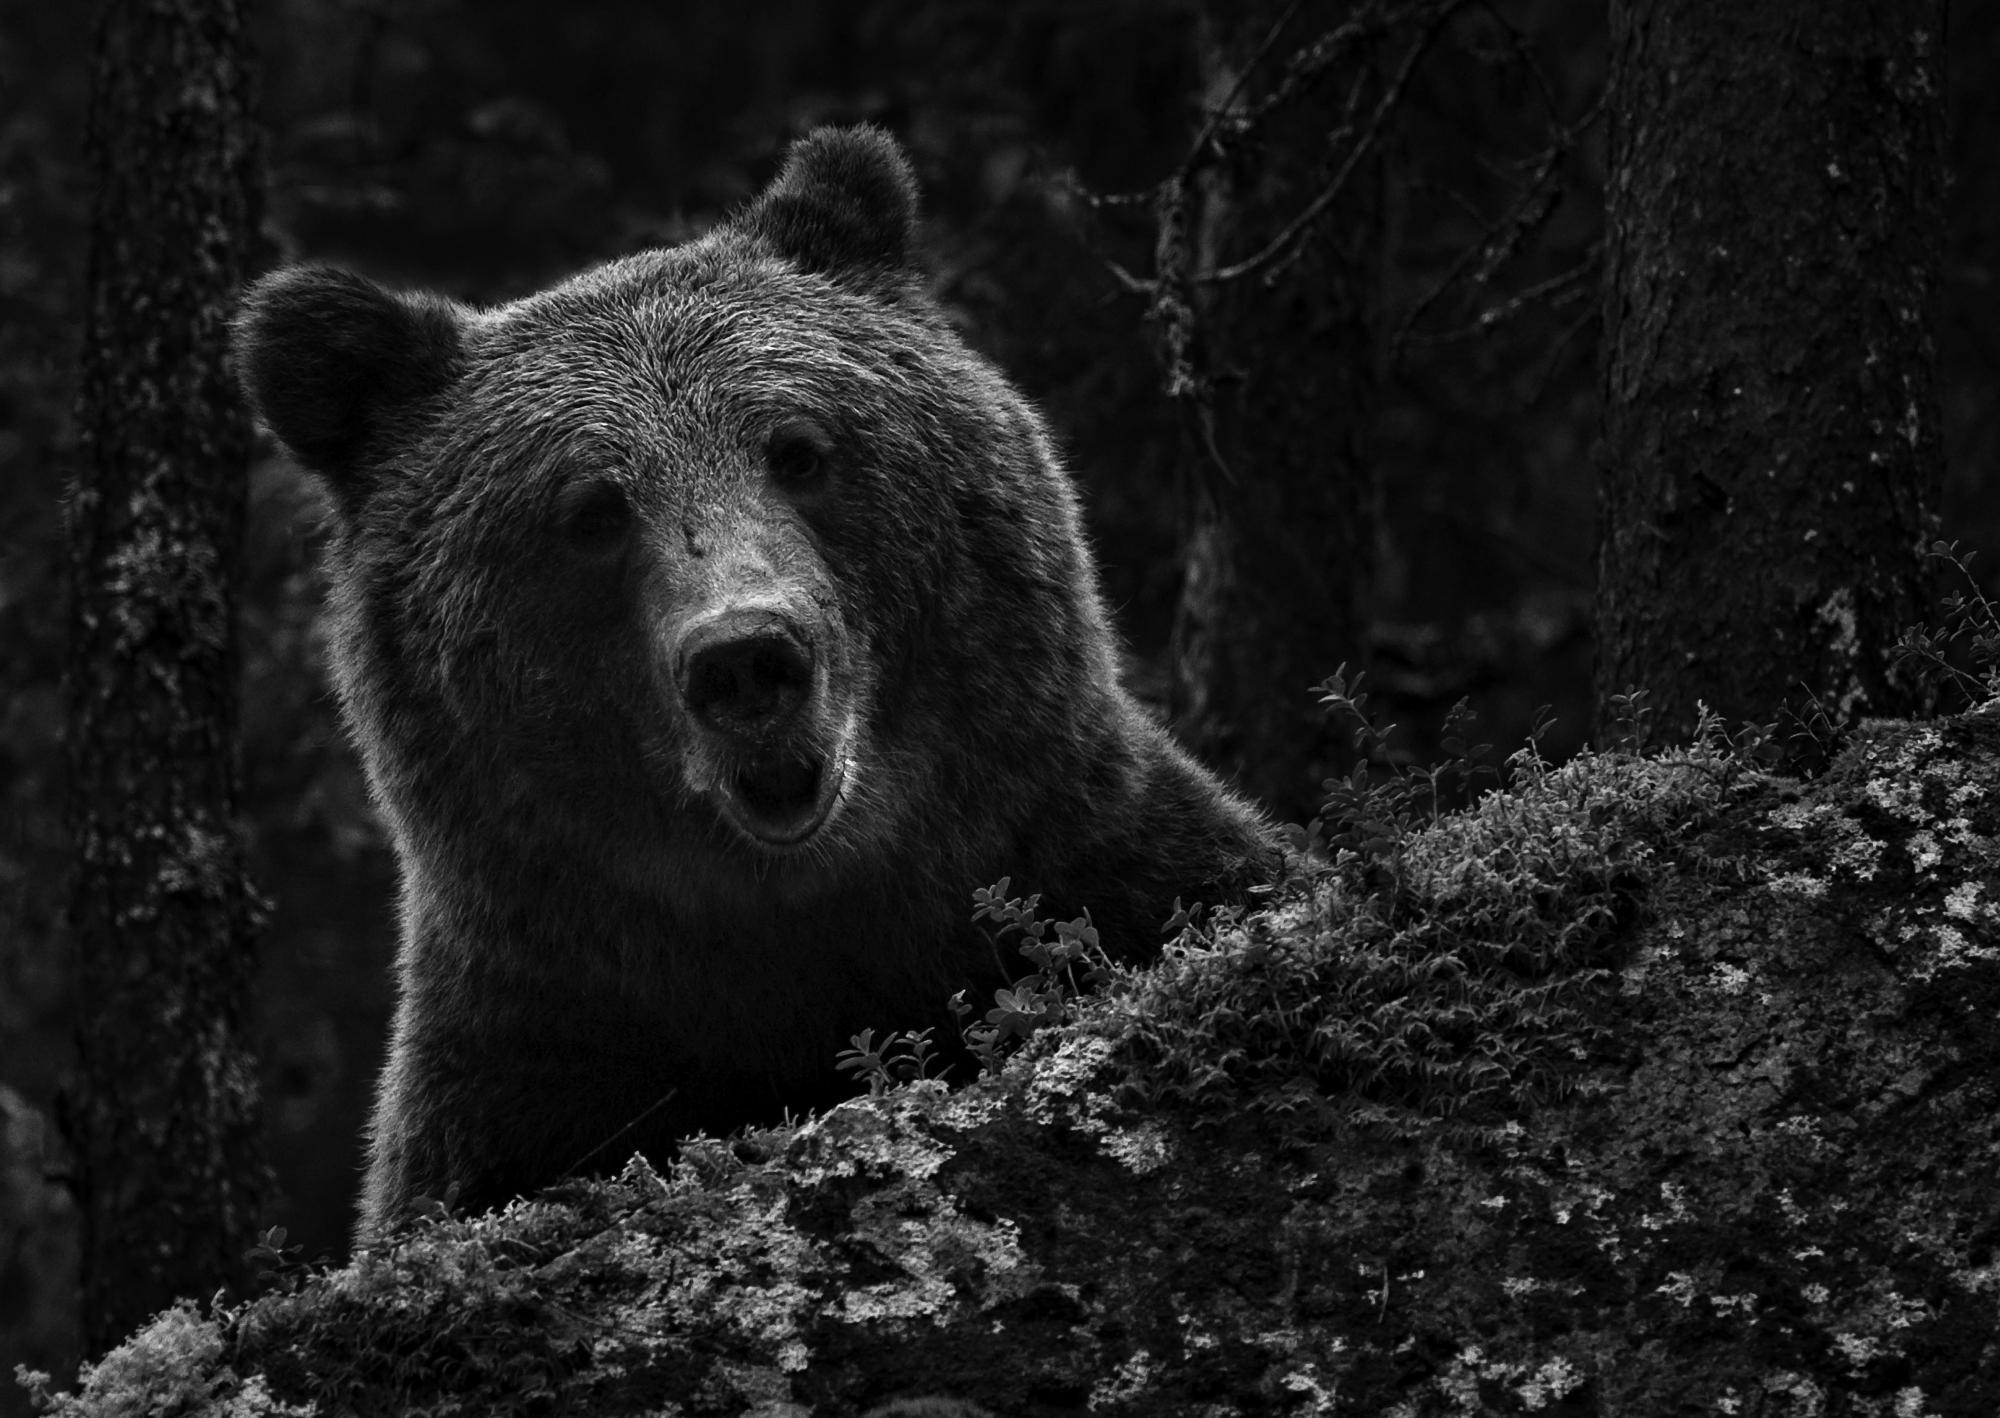 """""""Yritän katsoa maailmaa, josta kaikki alkoi, löytää ihmisen ja eläimen kohtaamisen ytimeen. Katson ikivanhoja kuvia, pohdin omia kuviani ja kysyn: miksi eläinkuvan tekeminen on niin tärkeää?"""" —Heikki Willamo"""